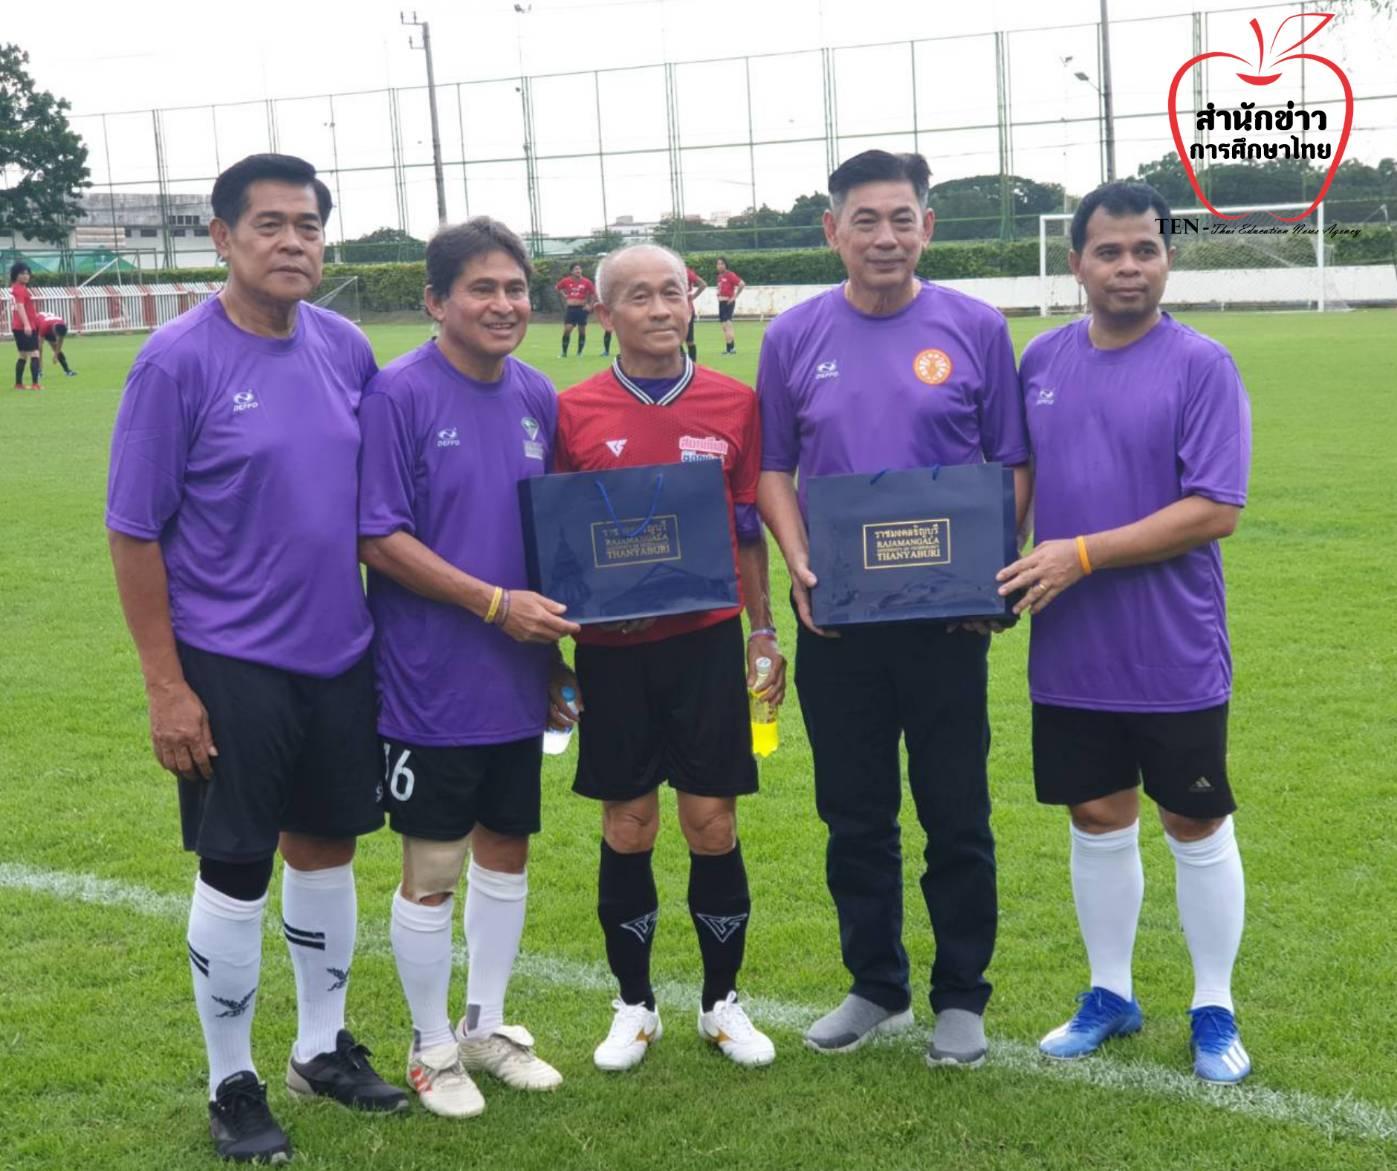 Chang U-Champion Cup จัดงานเลี้ยงเกษียณ 2 บิ๊ก